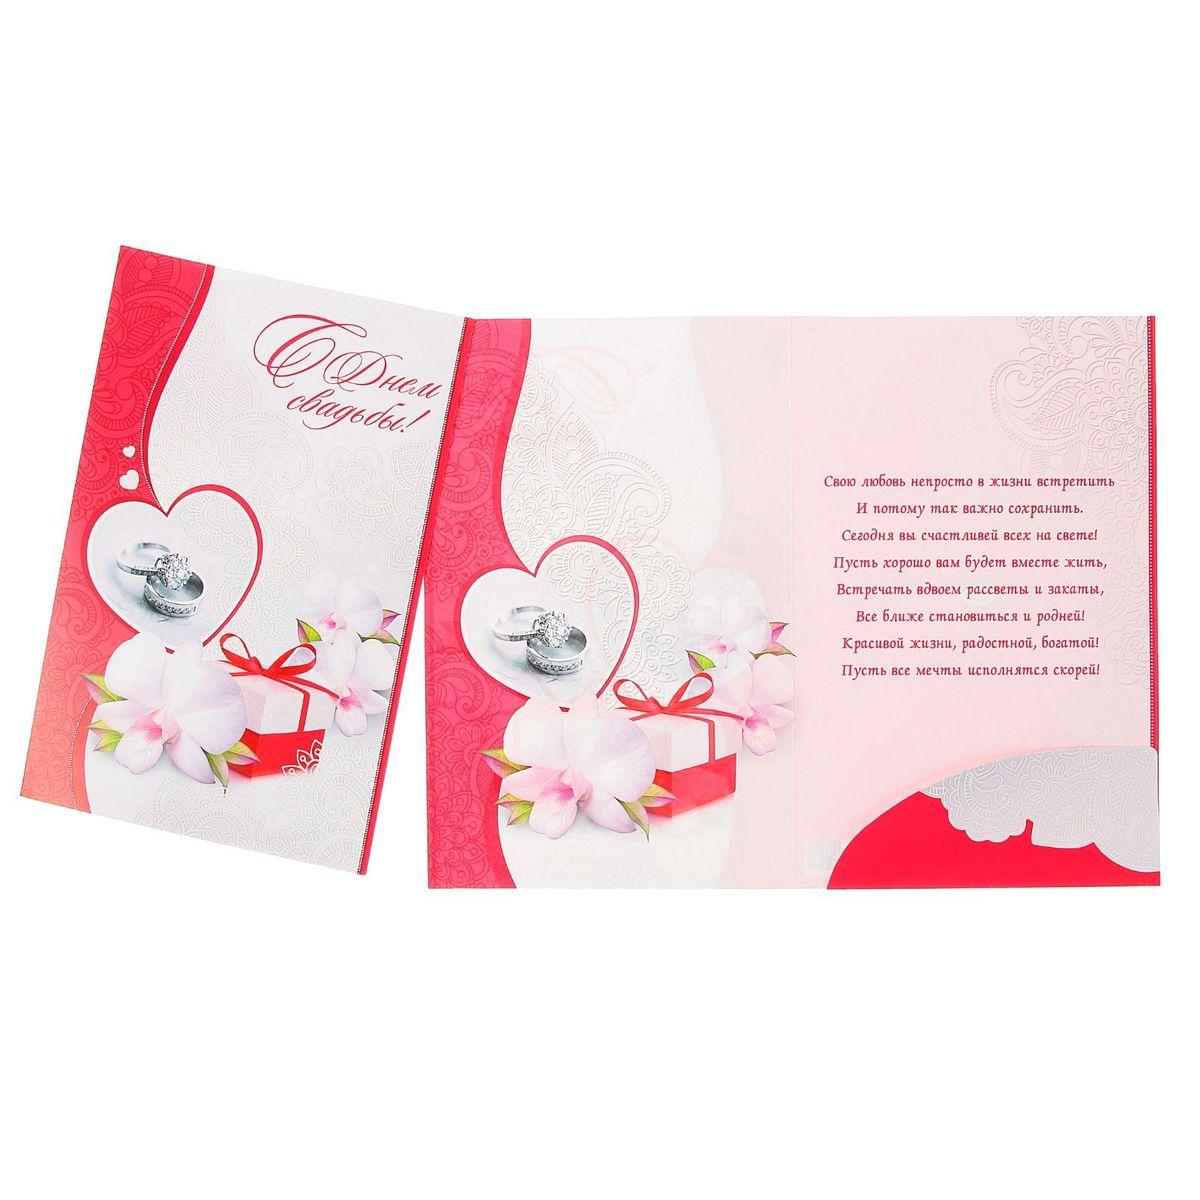 Открытка Мир открыток С Днем свадьбы! Кольца1216632Если вы хотите порадовать себя или близких, создать праздничное настроение и с улыбкой провести памятный день, то вы, несомненно, сделали правильный выбор! Открытка Мир открыток С Днем свадьбы! Кольца, выполненная из картона, отличается не только оригинальным дизайном, но и высоким качеством.Лицевая сторона изделия оформлена красивым изображением колец и цветов, а также изысканным узором. Внутри открытка содержит текст с поздравлением и карман для денег.Такая открытка непременно порадует получателя и станет отличным напоминанием о проведенном вместе времени.